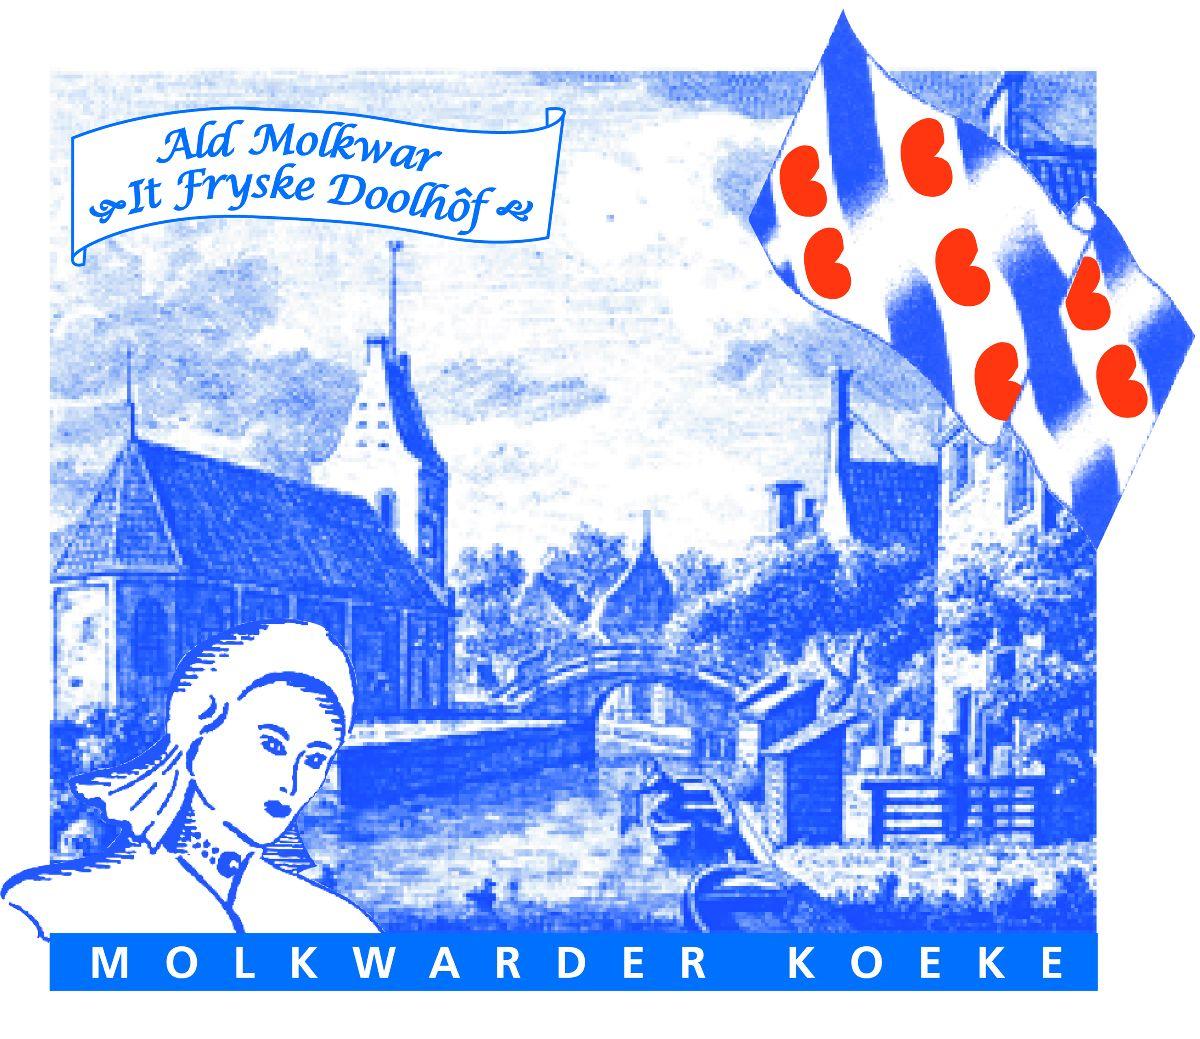 Molkwarder Koeke